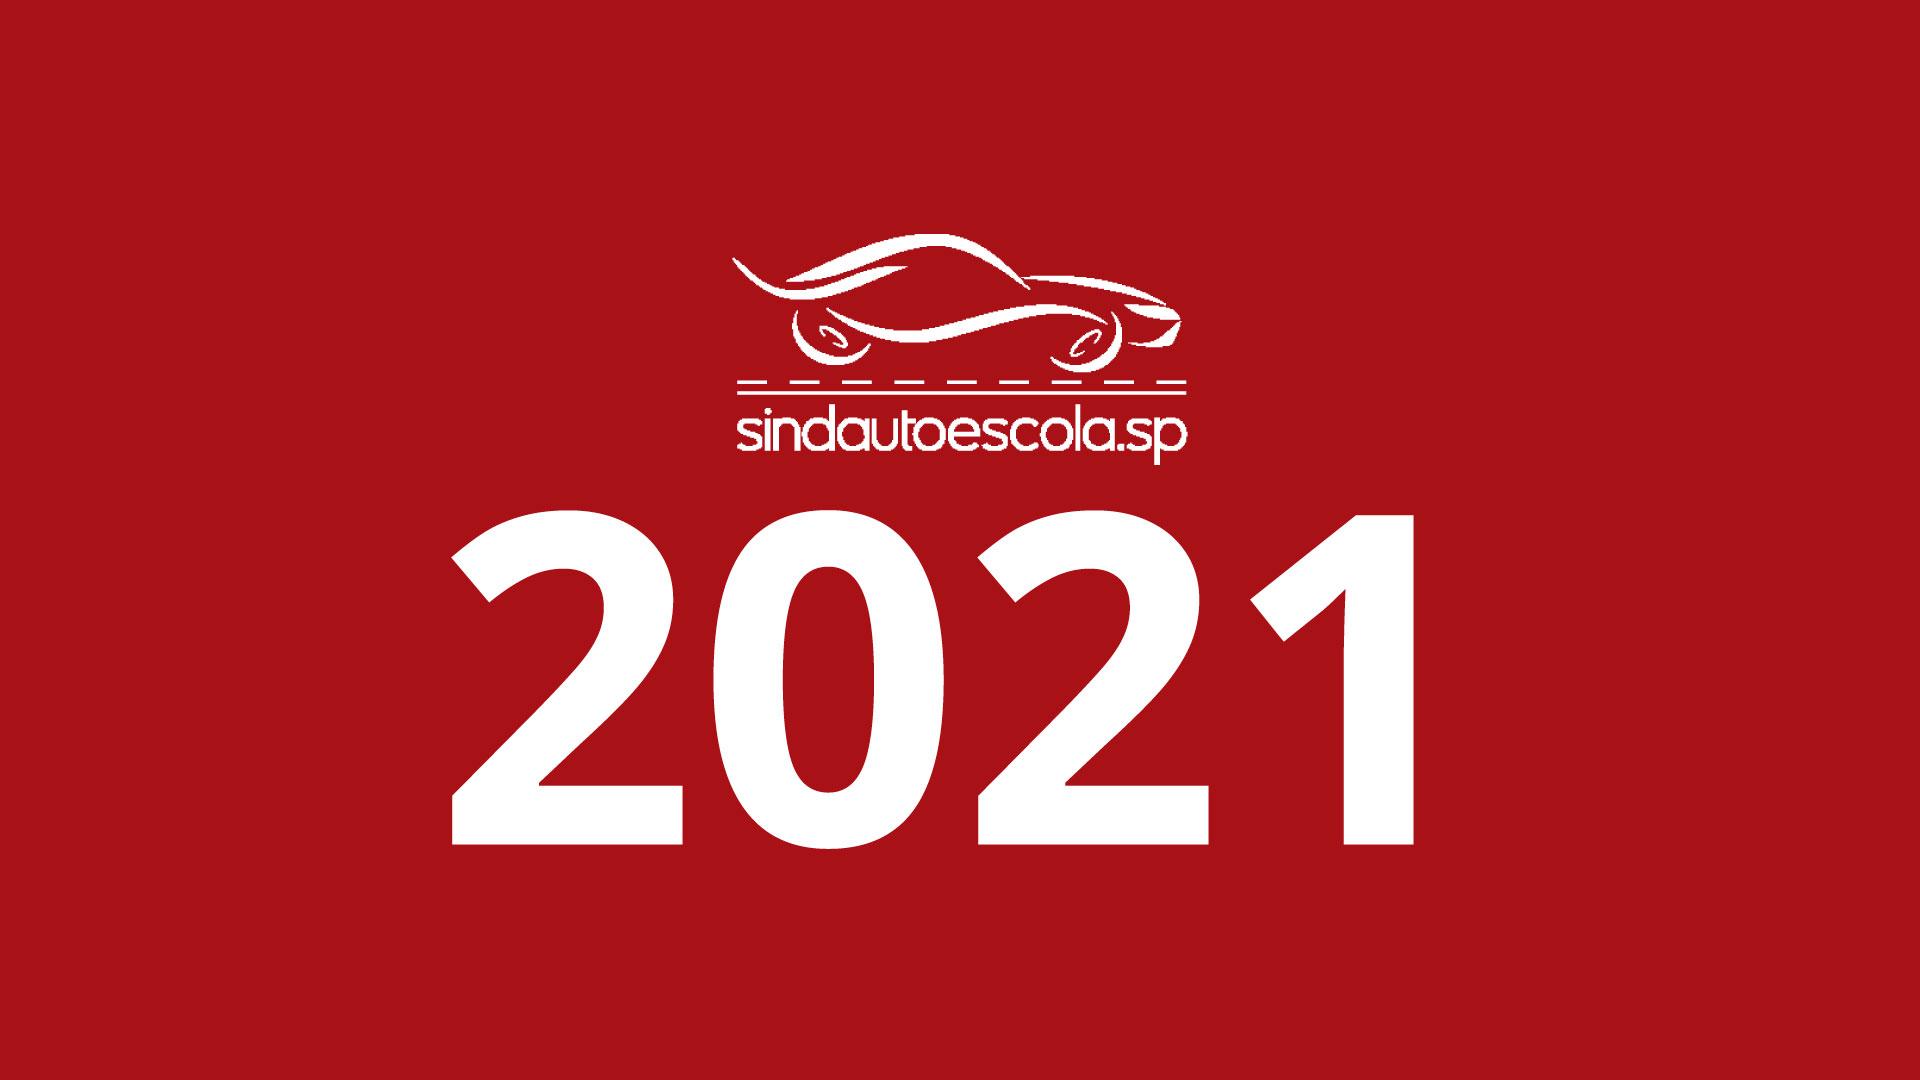 Sindicato digital com foco no associado: conheça o nosso planejamento para 2021